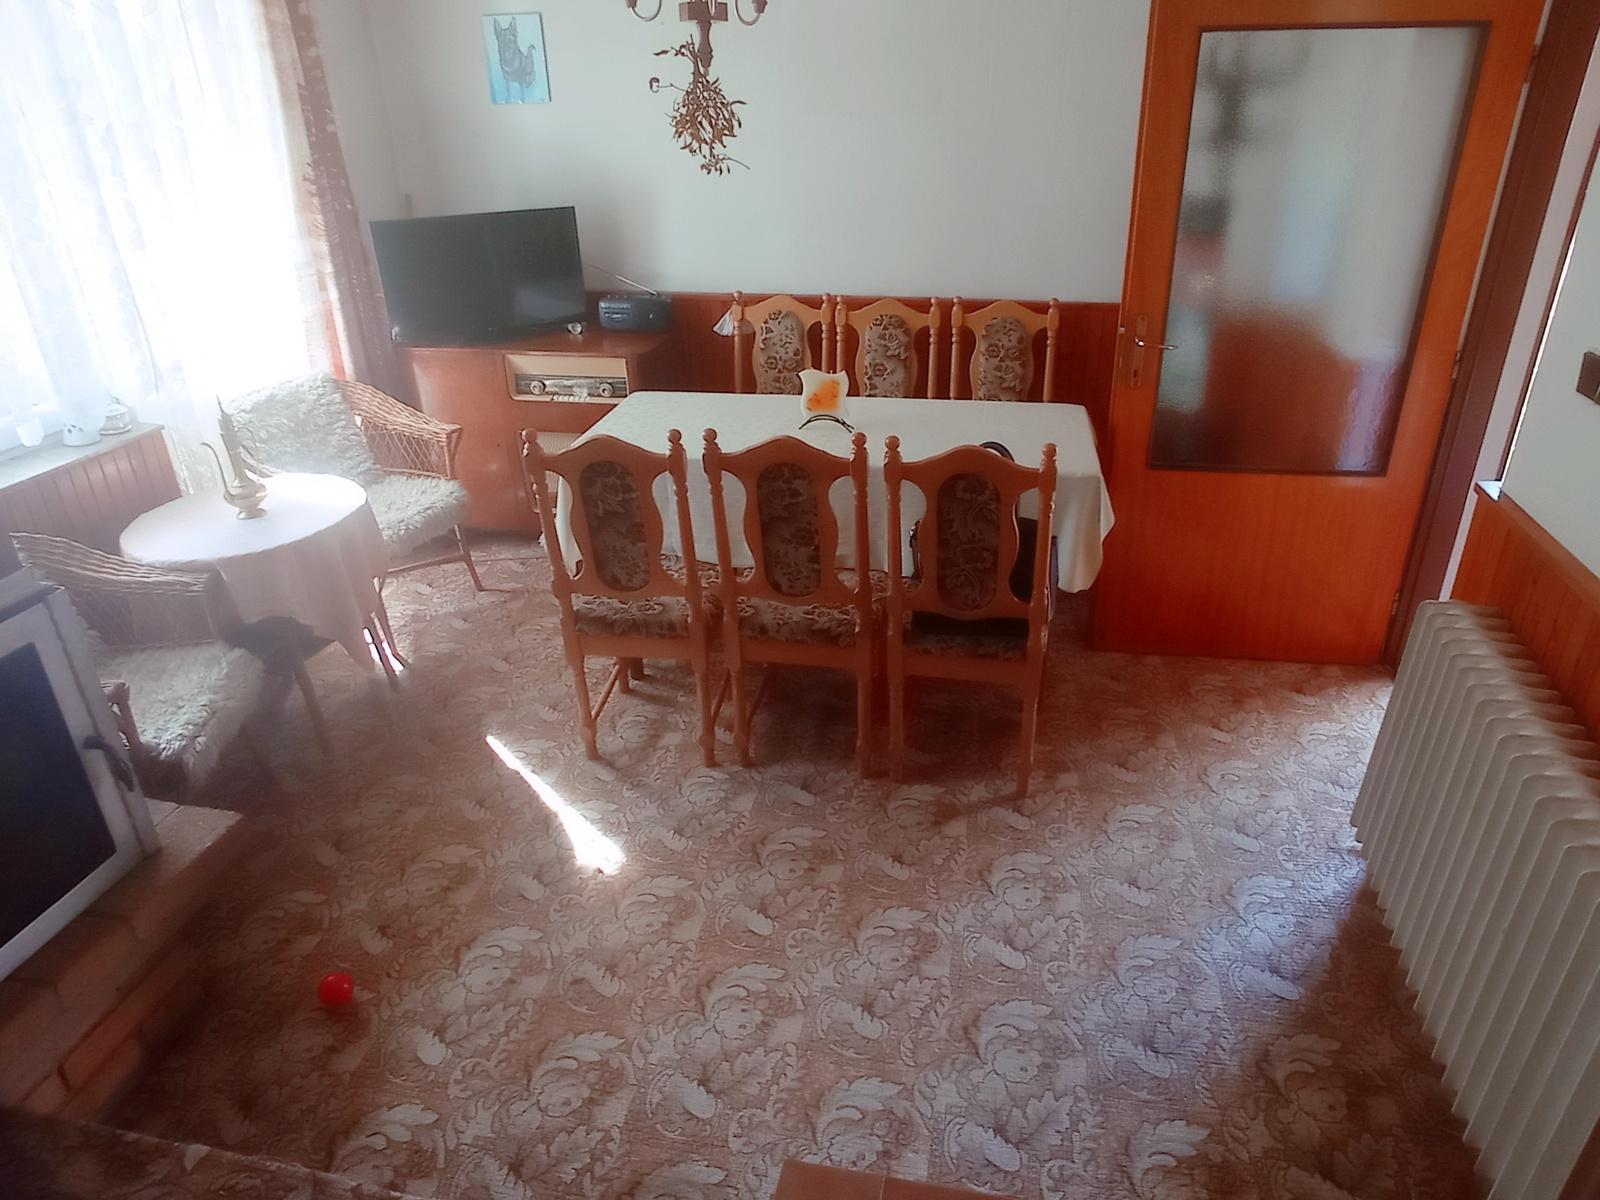 Prodej, rodinného domu, 4+1, Zruč - Senec